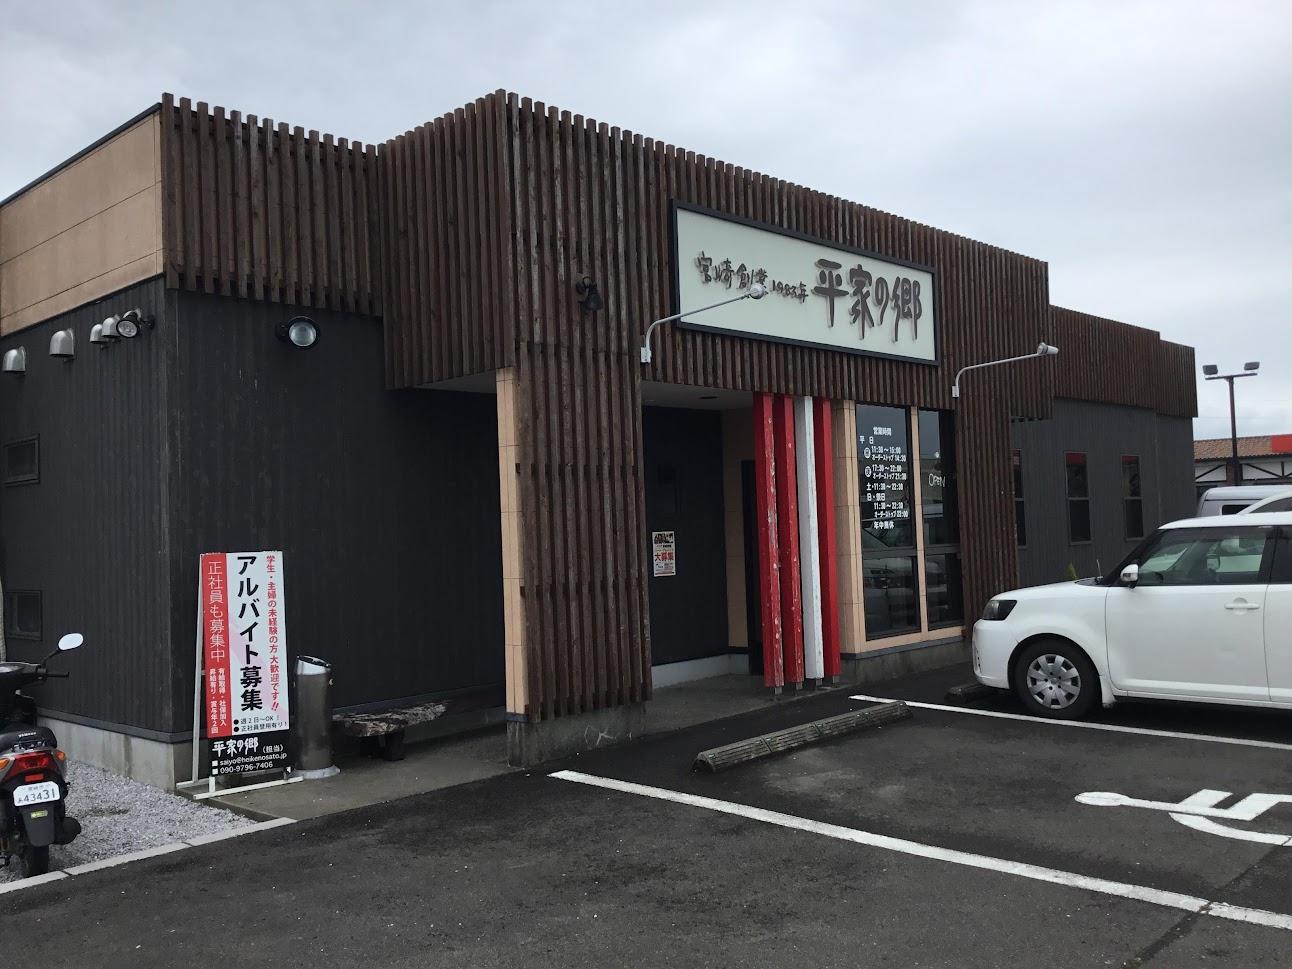 平家の郷宮崎東館でハンバーグを食べた。平日の昼間お客さんがたくさんいましたね